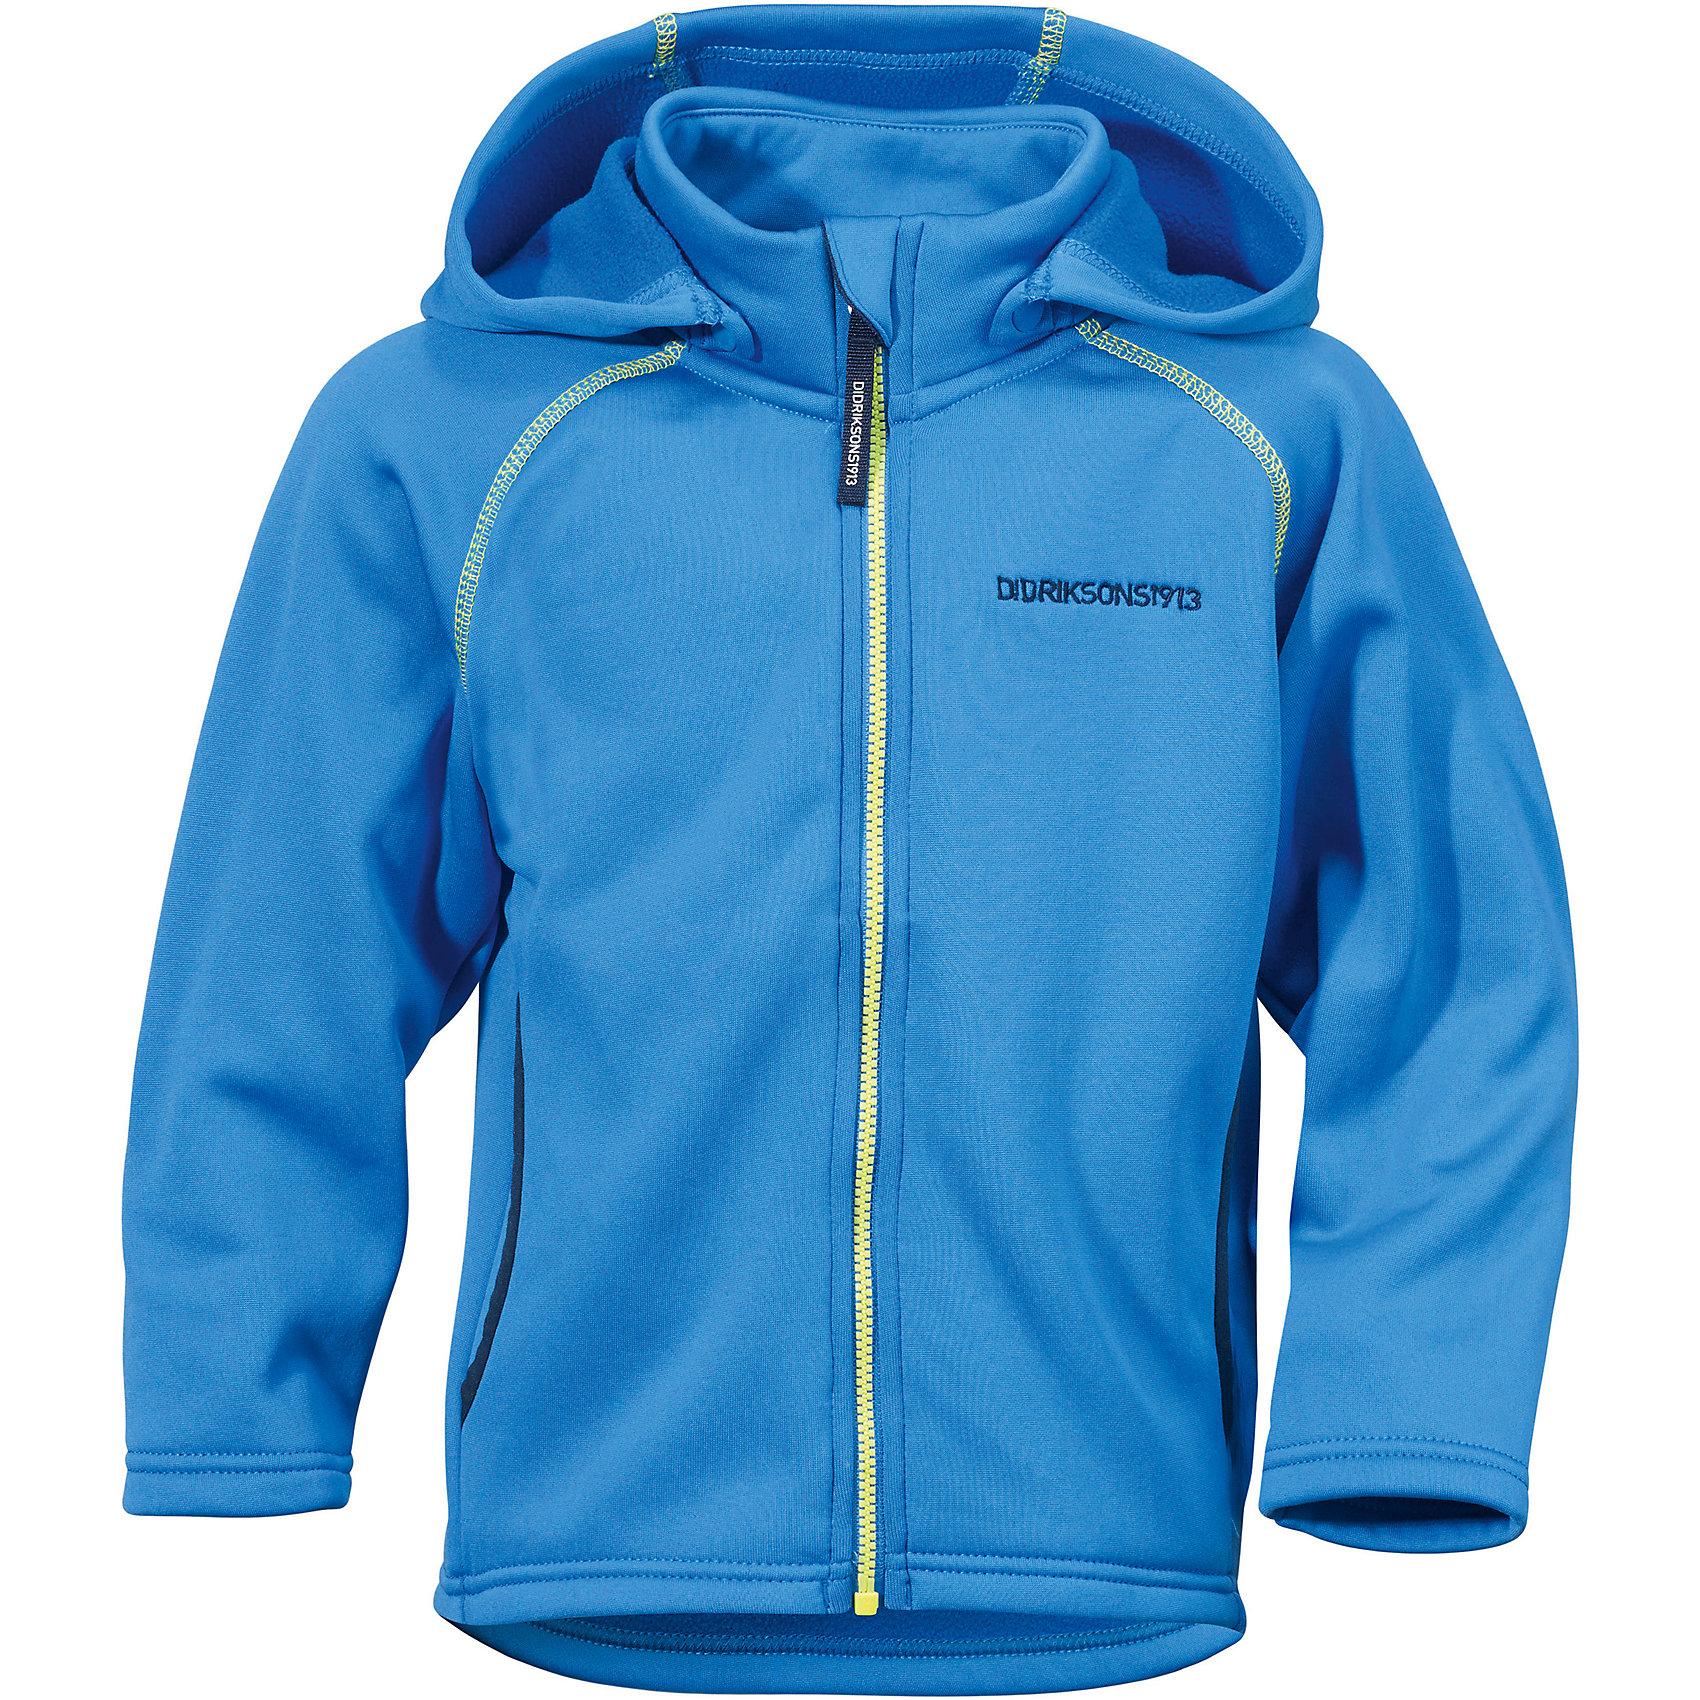 Толстовка BAWAL для мальчика DIDRIKSONSТолстовки<br>Куртка из гладкого флиса.  Мягкий и комфортный флис обладает хорошими теплоизоляционными свойствами, которые сохраняются даже во влажном состоянии. Этот материал прост в уходе (допускается стирка в машине). Съемный капюшон. Весной и летом эта модель будет работать как самостоятельная верхняя одежда, а в ненастную погоду ее можно использовать как утепляющий слой под водонепроницаемую верхнюю одежду.<br>Состав:<br>95% полиэстер, эластан 5%<br><br>Ширина мм: 356<br>Глубина мм: 10<br>Высота мм: 245<br>Вес г: 519<br>Цвет: зеленый<br>Возраст от месяцев: 12<br>Возраст до месяцев: 18<br>Пол: Мужской<br>Возраст: Детский<br>Размер: 80,140,120,130,110,90,100<br>SKU: 5576749